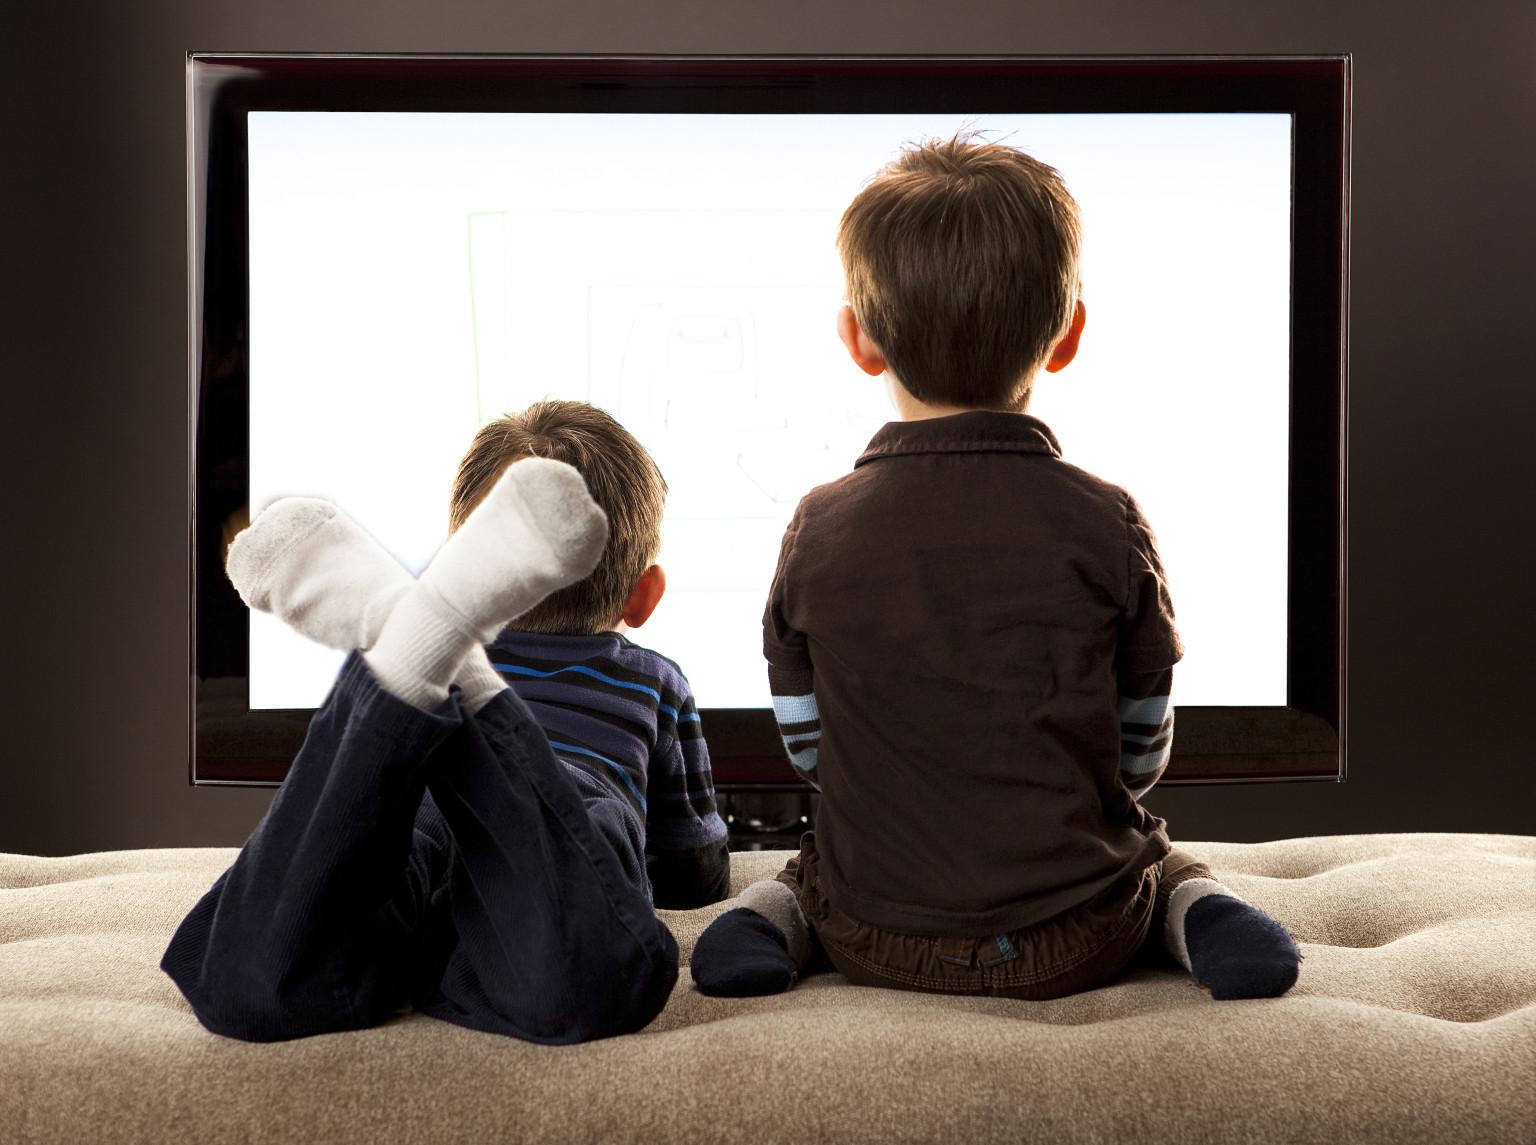 Hasil gambar untuk kid watch tv